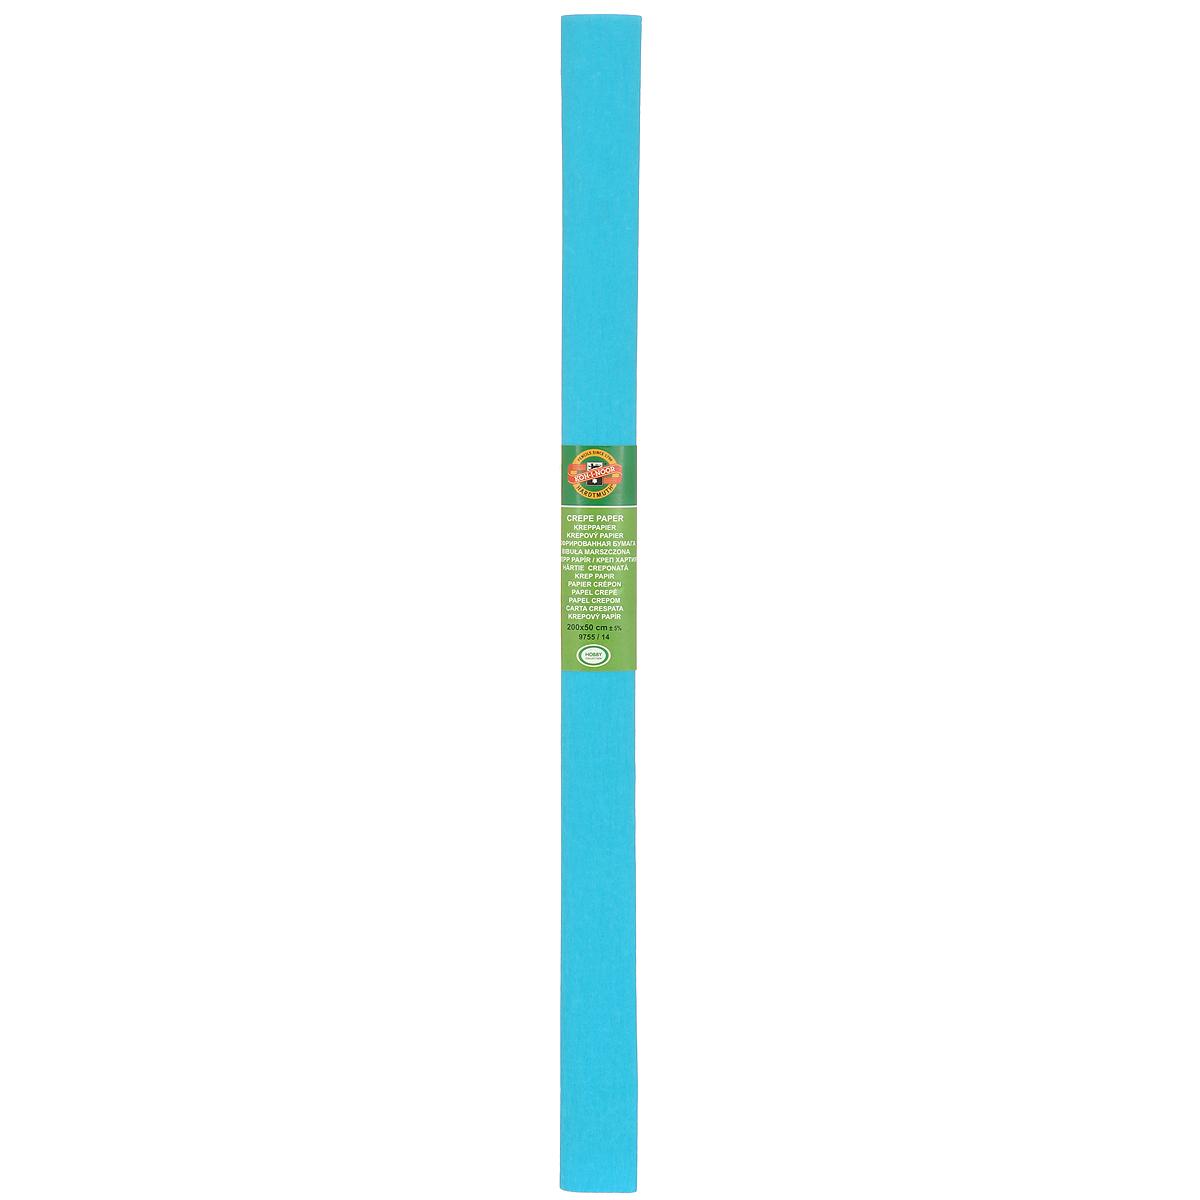 Бумага гофрированная Koh-I-Noor, цвет: голубой, 50 см x 2 м